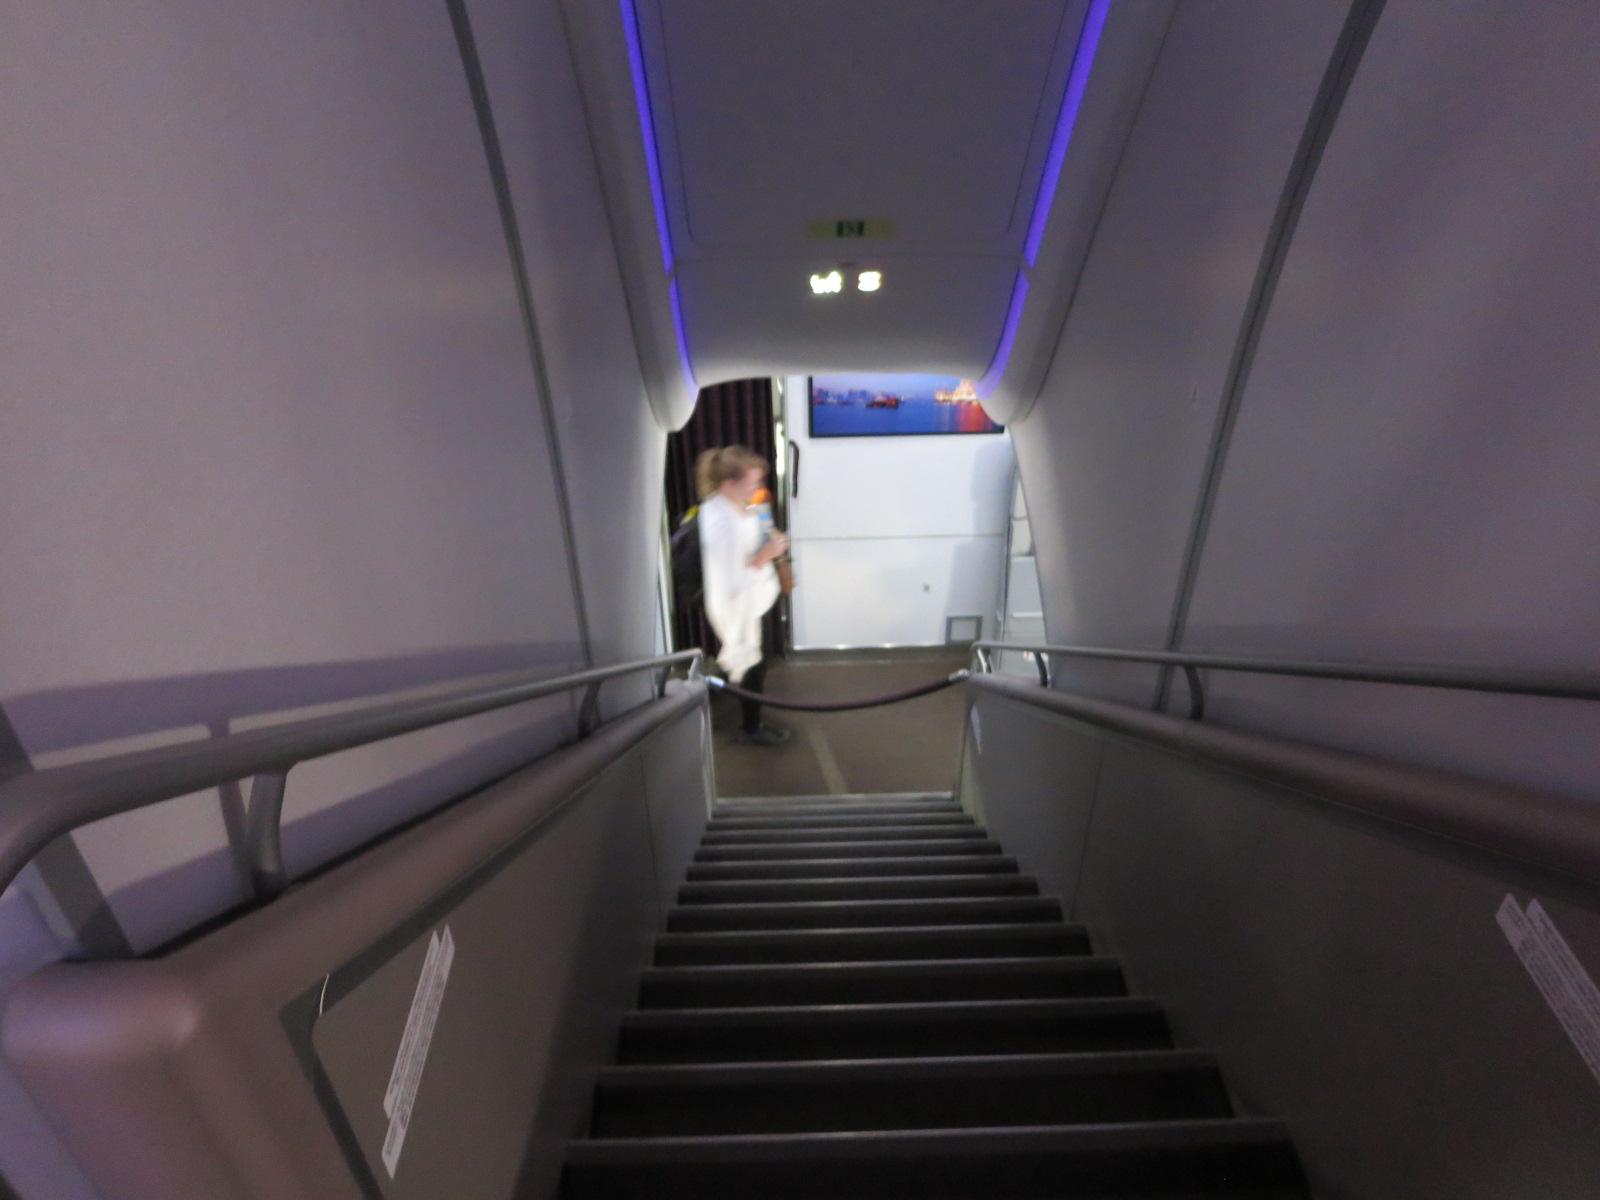 Qatar Airways A380 first class stairs Bangkok-Doha